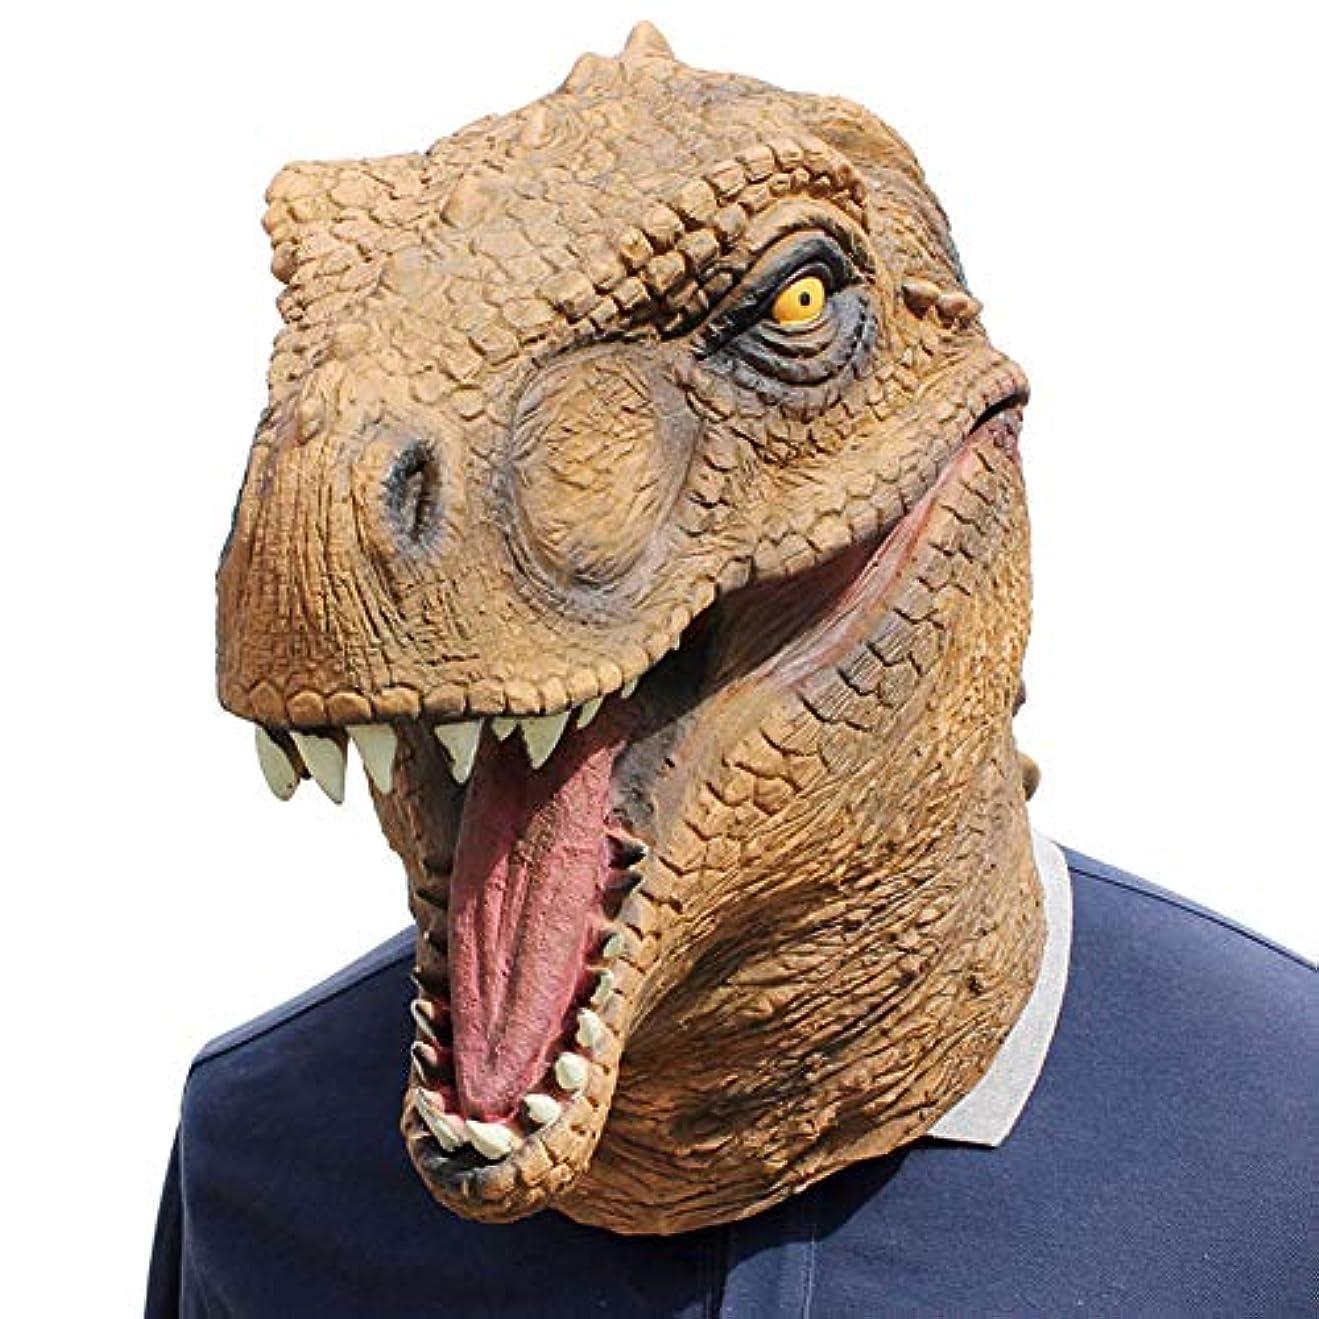 困惑メンバー変わるハロウィーンマスク、恐竜ラテックスマスク、ハロウィーン、テーマパーティー、カーニバル、レイブパーティー、バー、小道具。